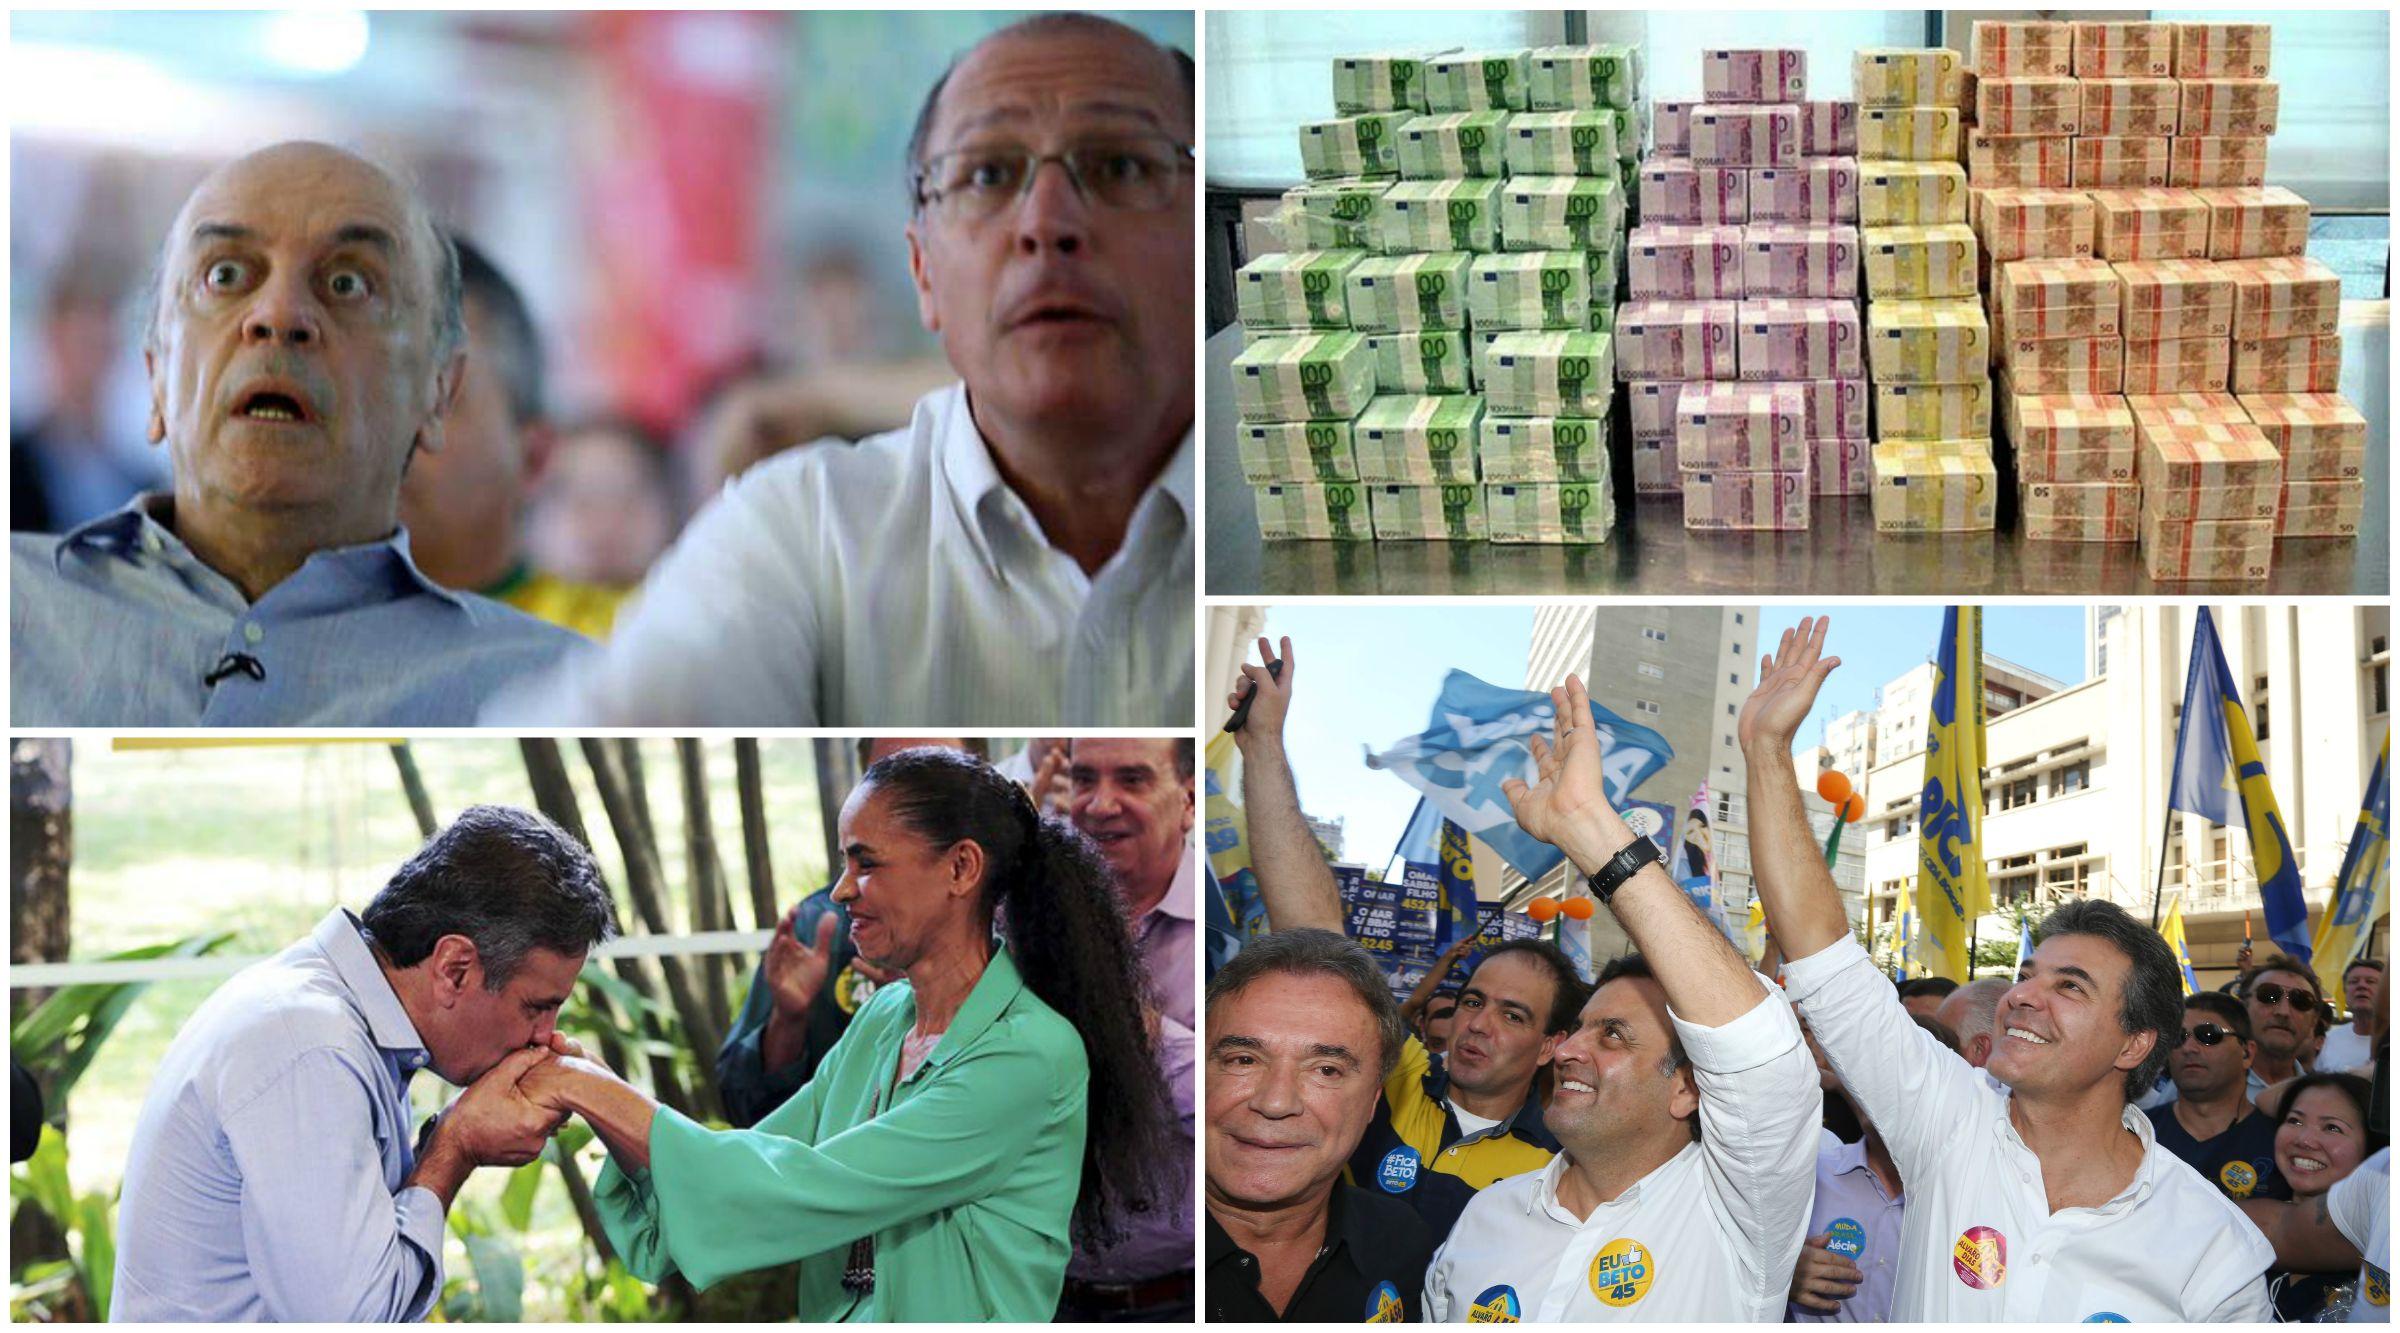 Segundo pesquisa, PSDB recebeu 42% das doações das grandes empreiteiras